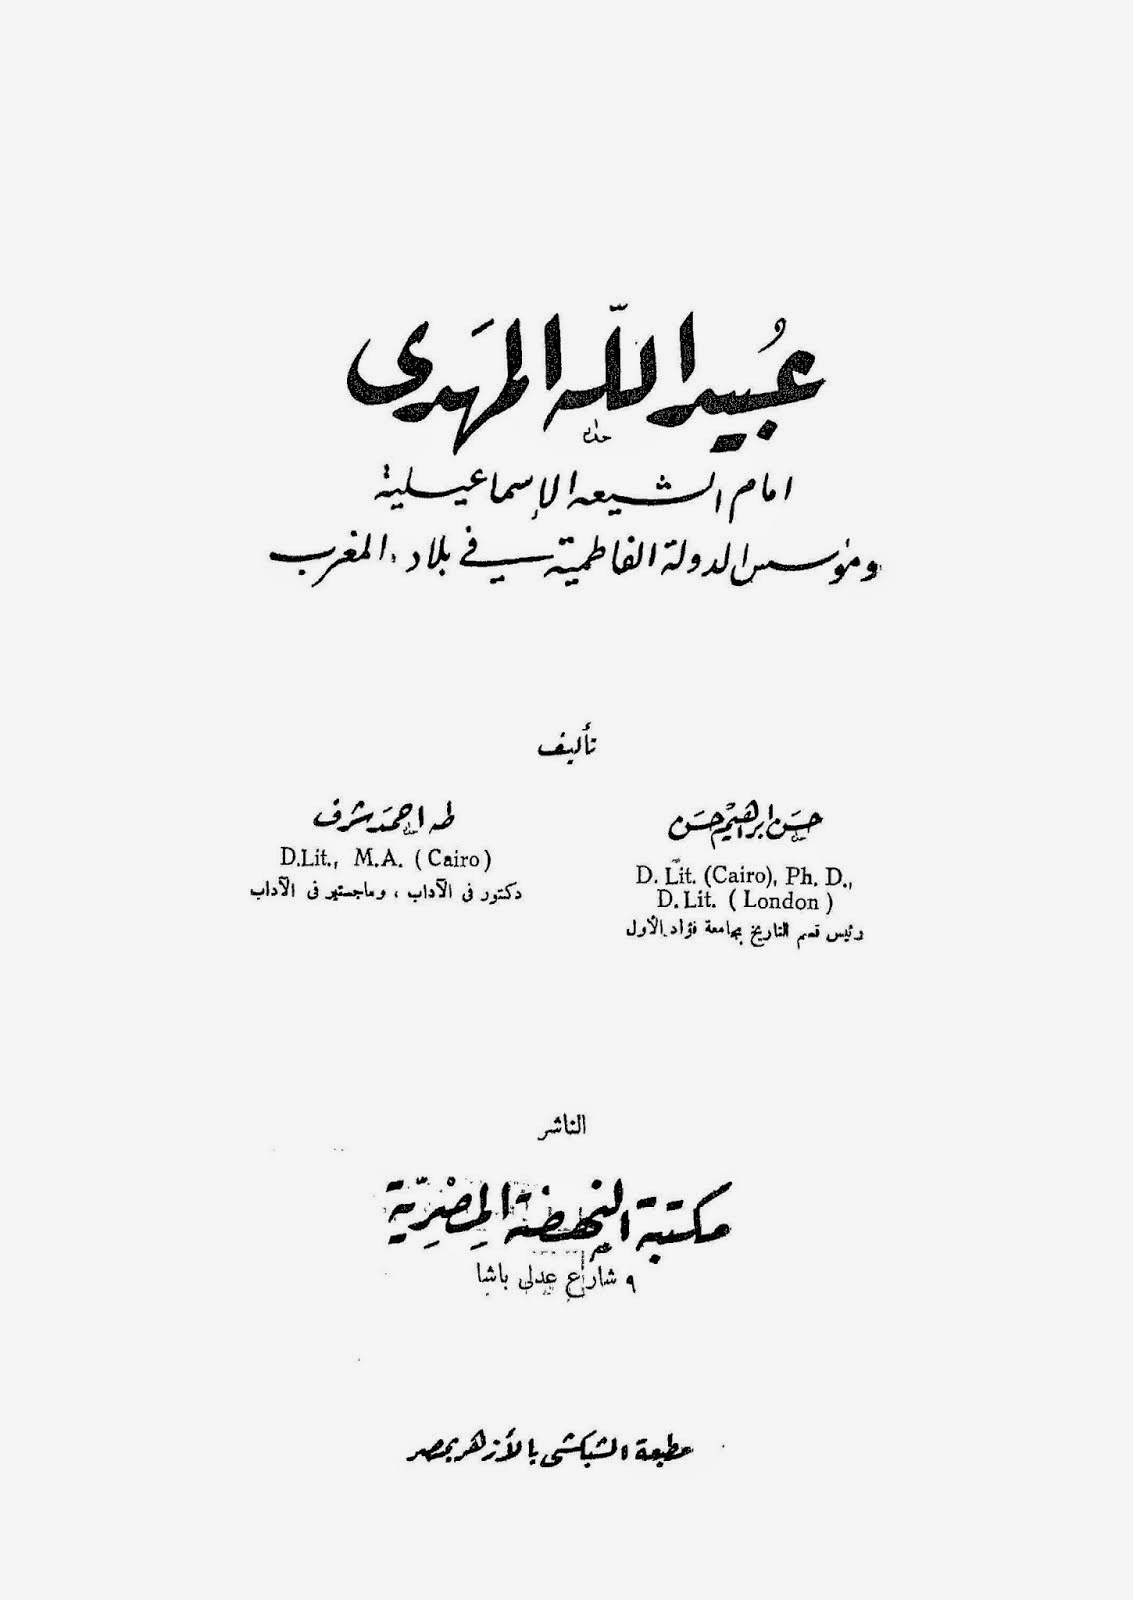 كتاب عبيد الله المهدي إمام الشيعة الإسماعيلية ومؤسس الدولة الفاطمية في بلاد المغرب